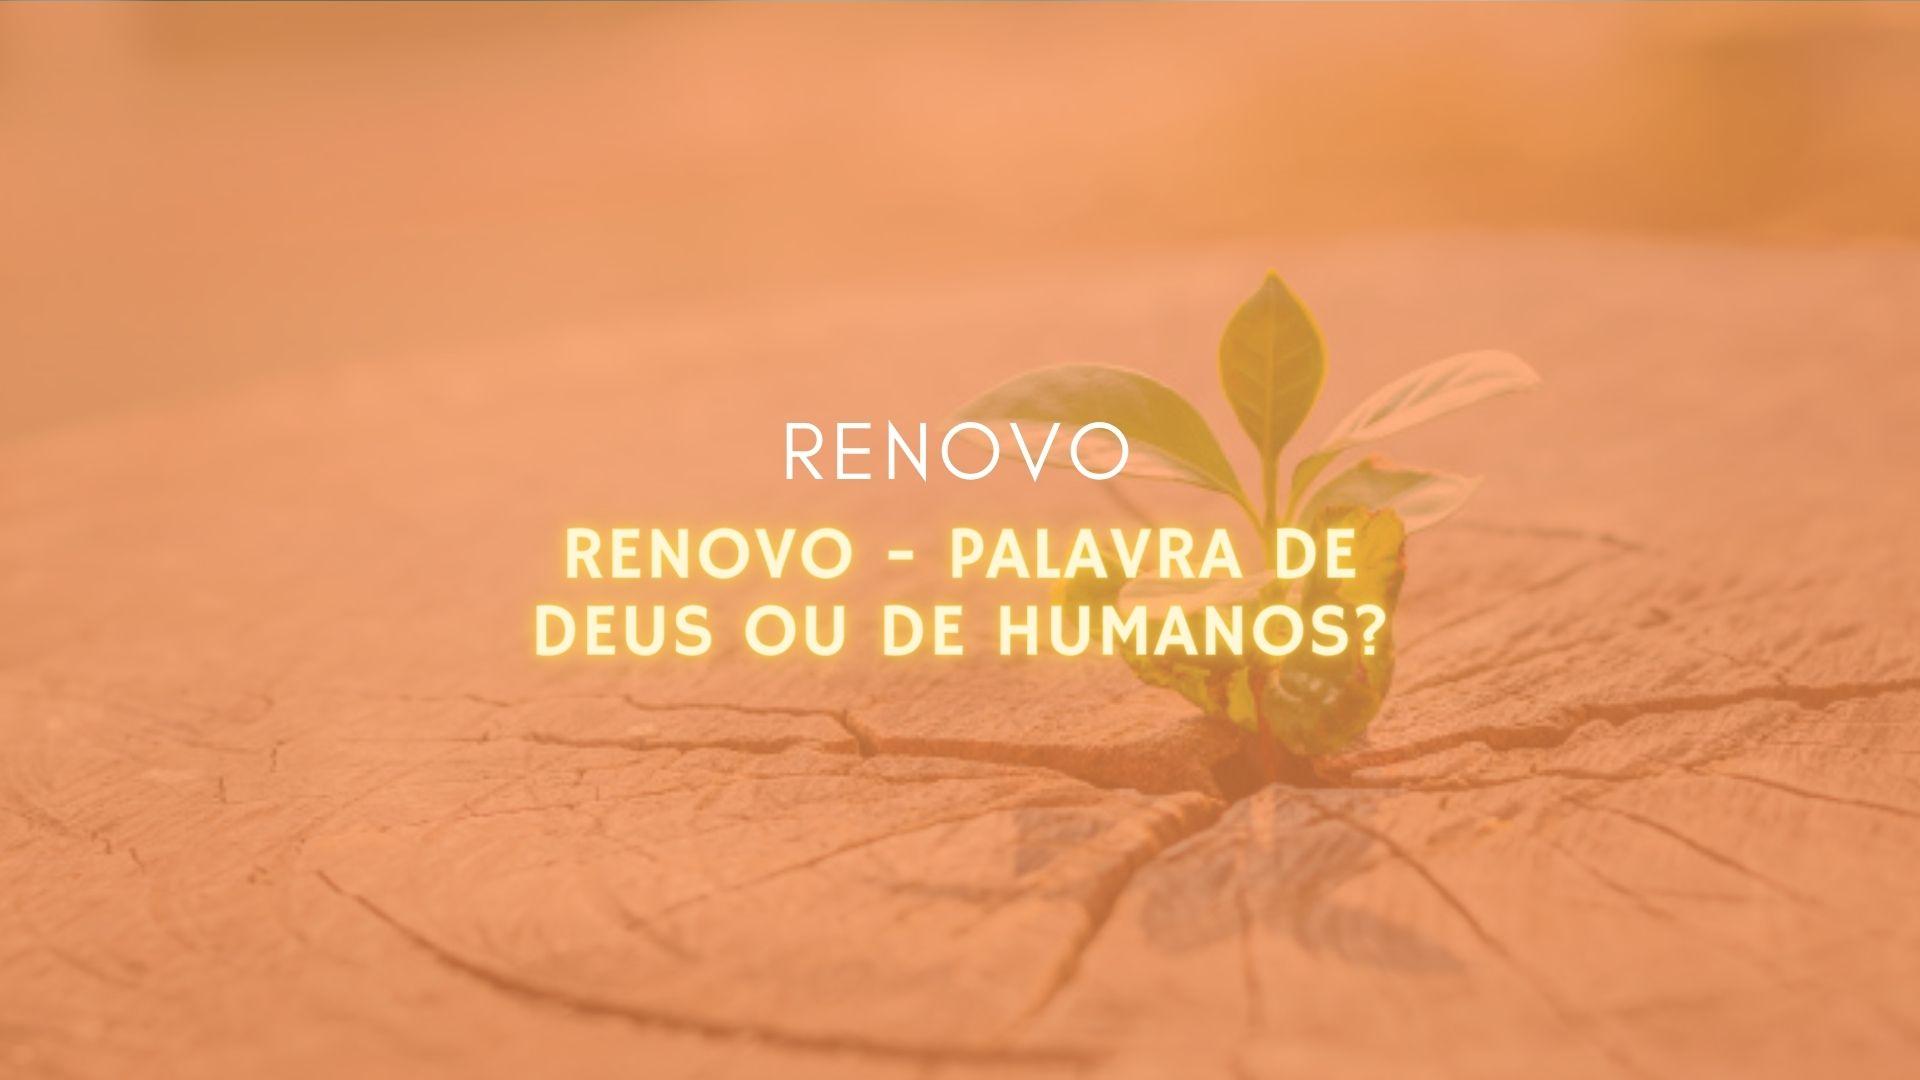 Renovo –Palavra de Deus ou de Humanos?